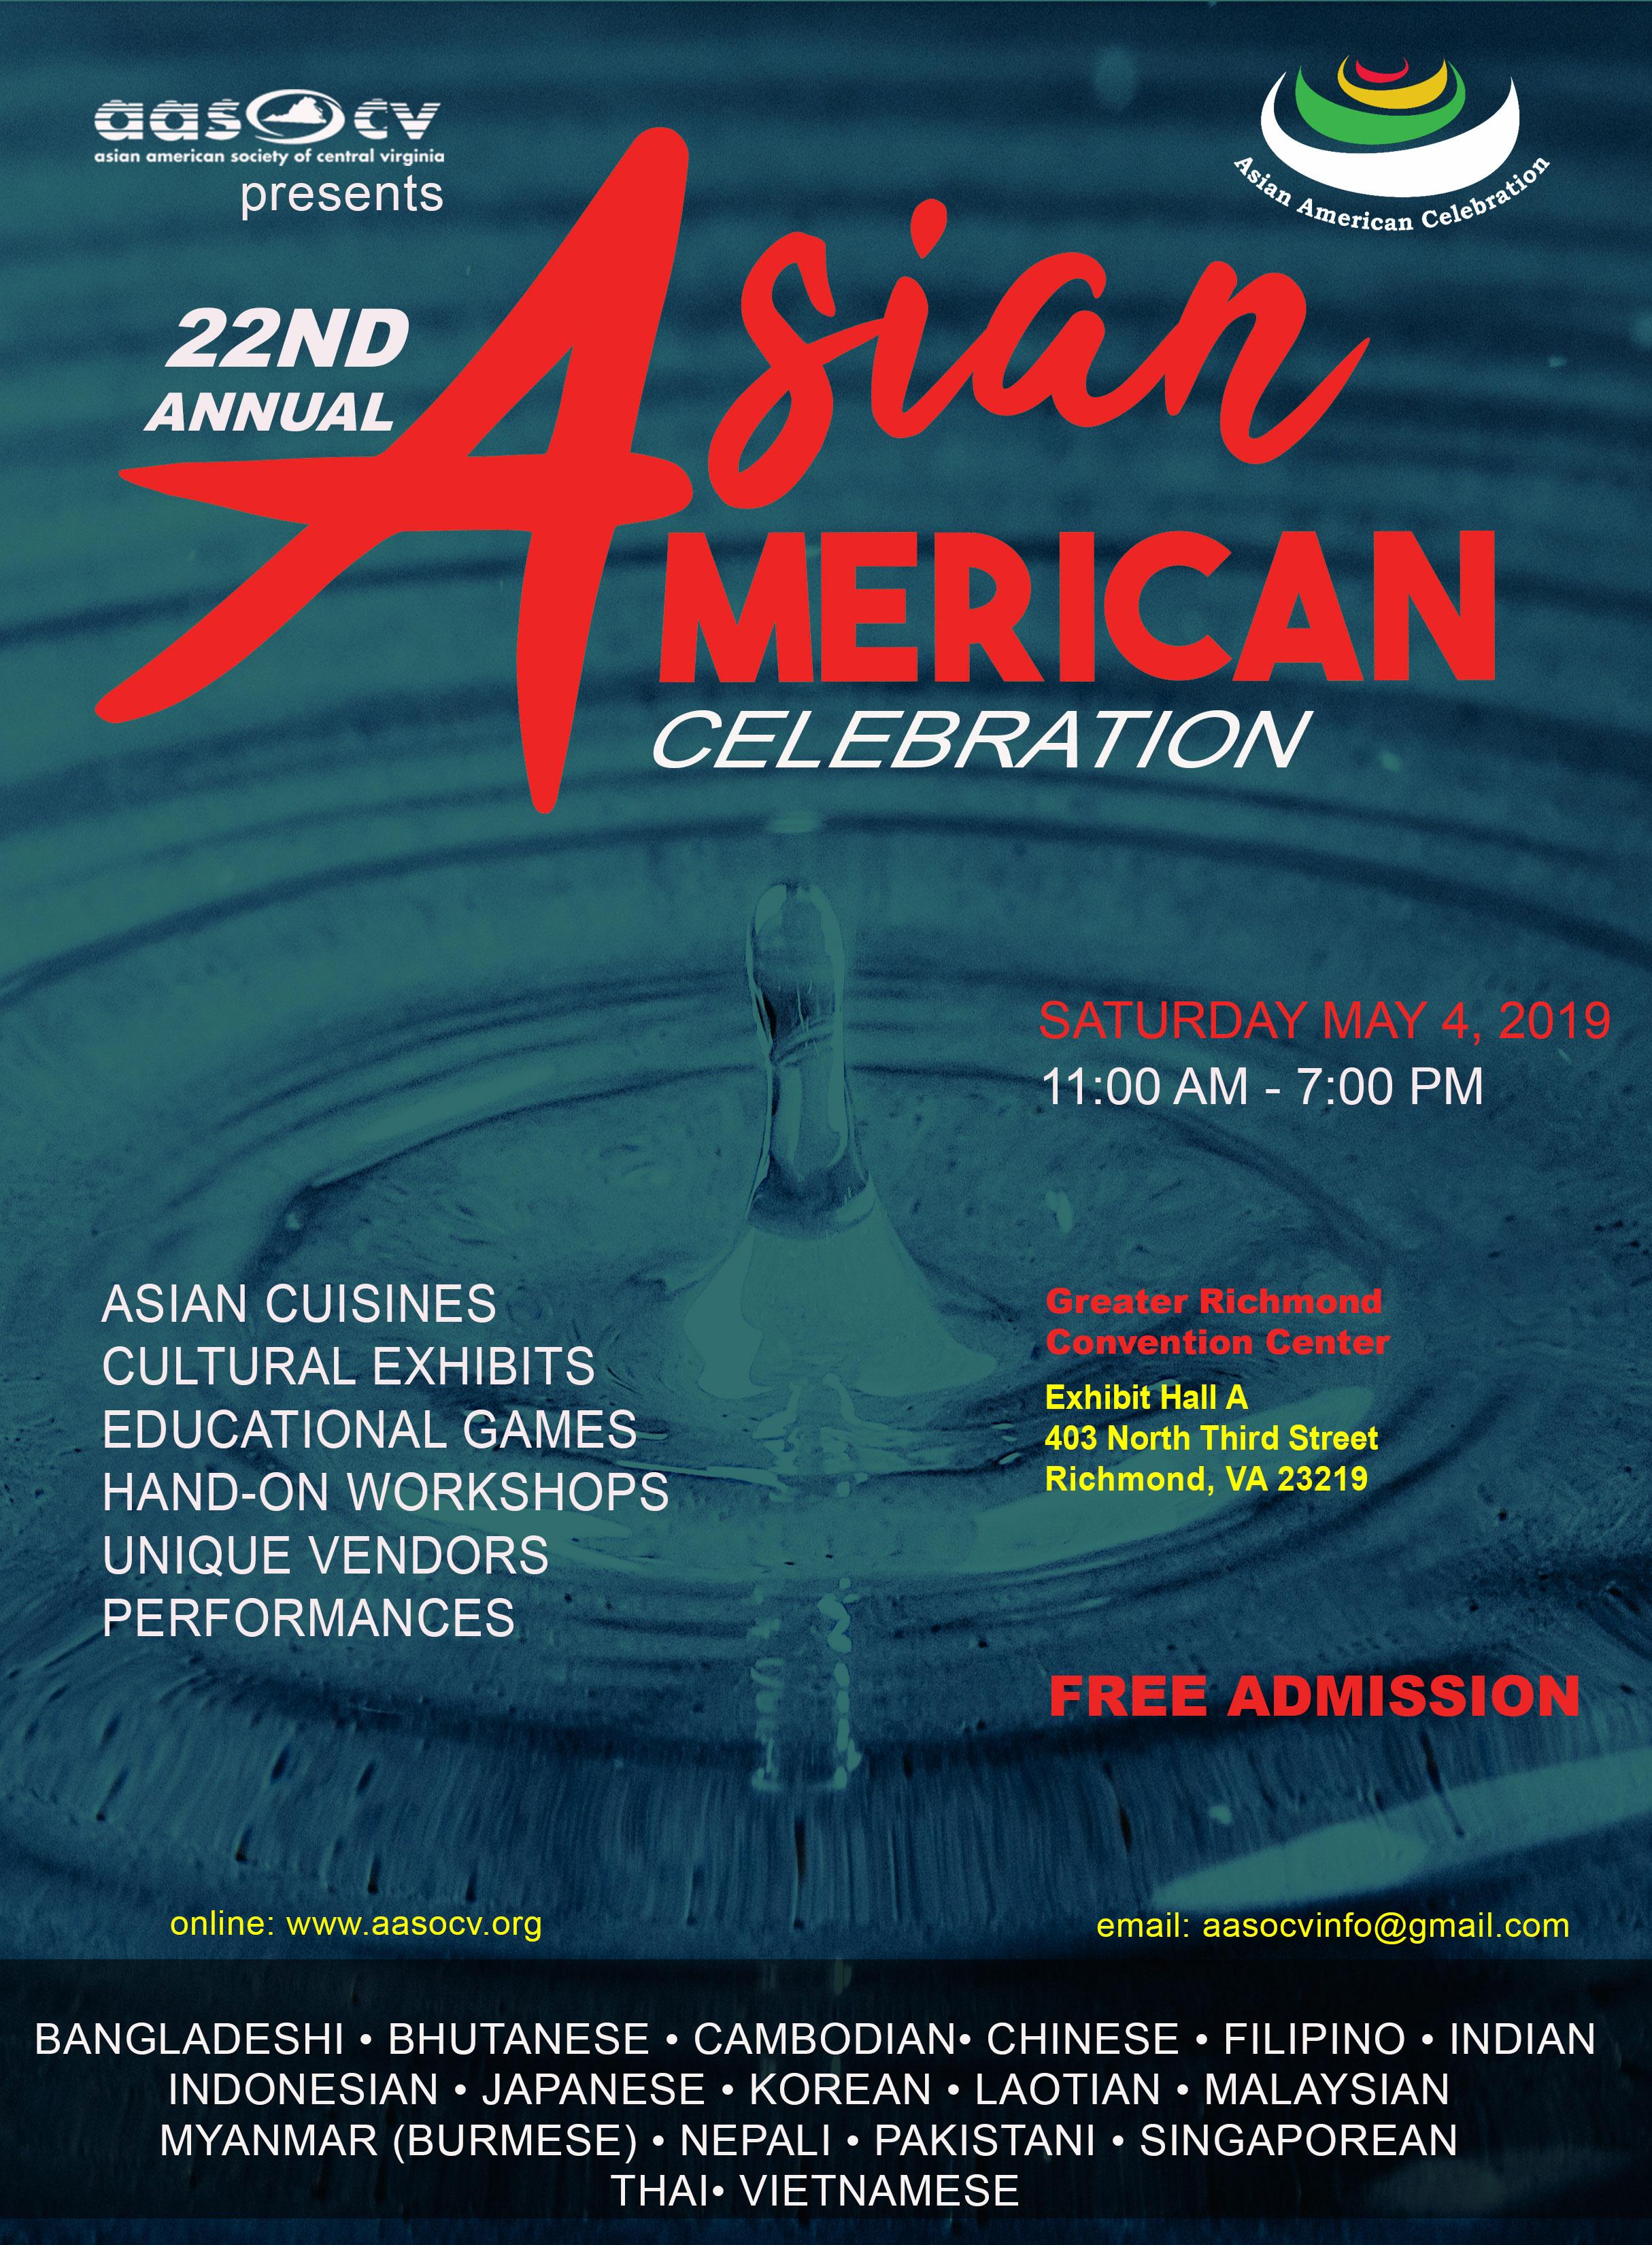 Asian American Society of Central Virginia – A non-profit